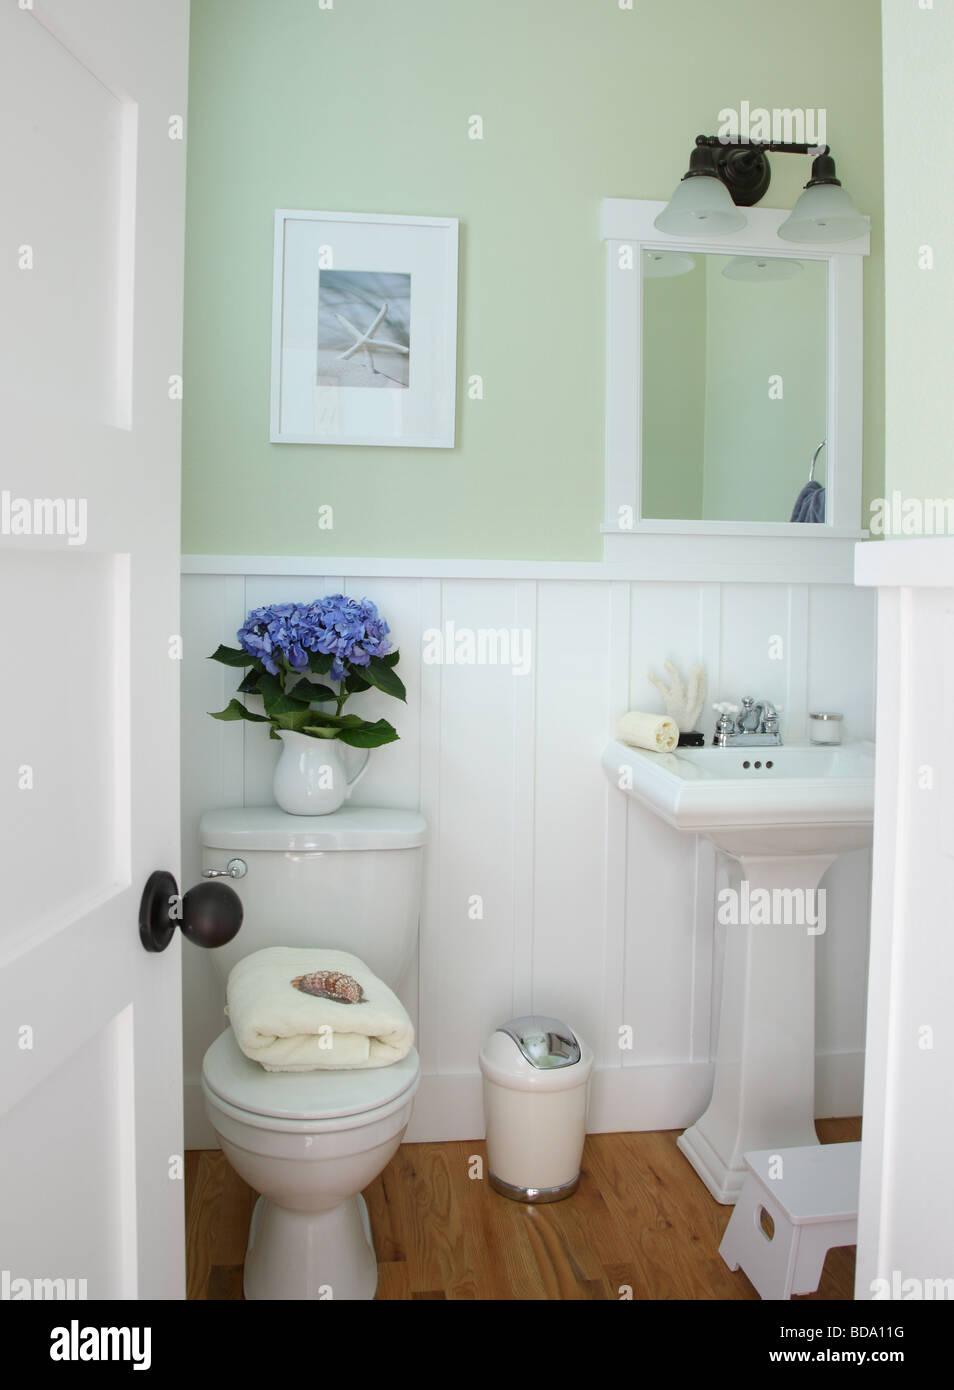 Casa de banho interior Imagens de Stock